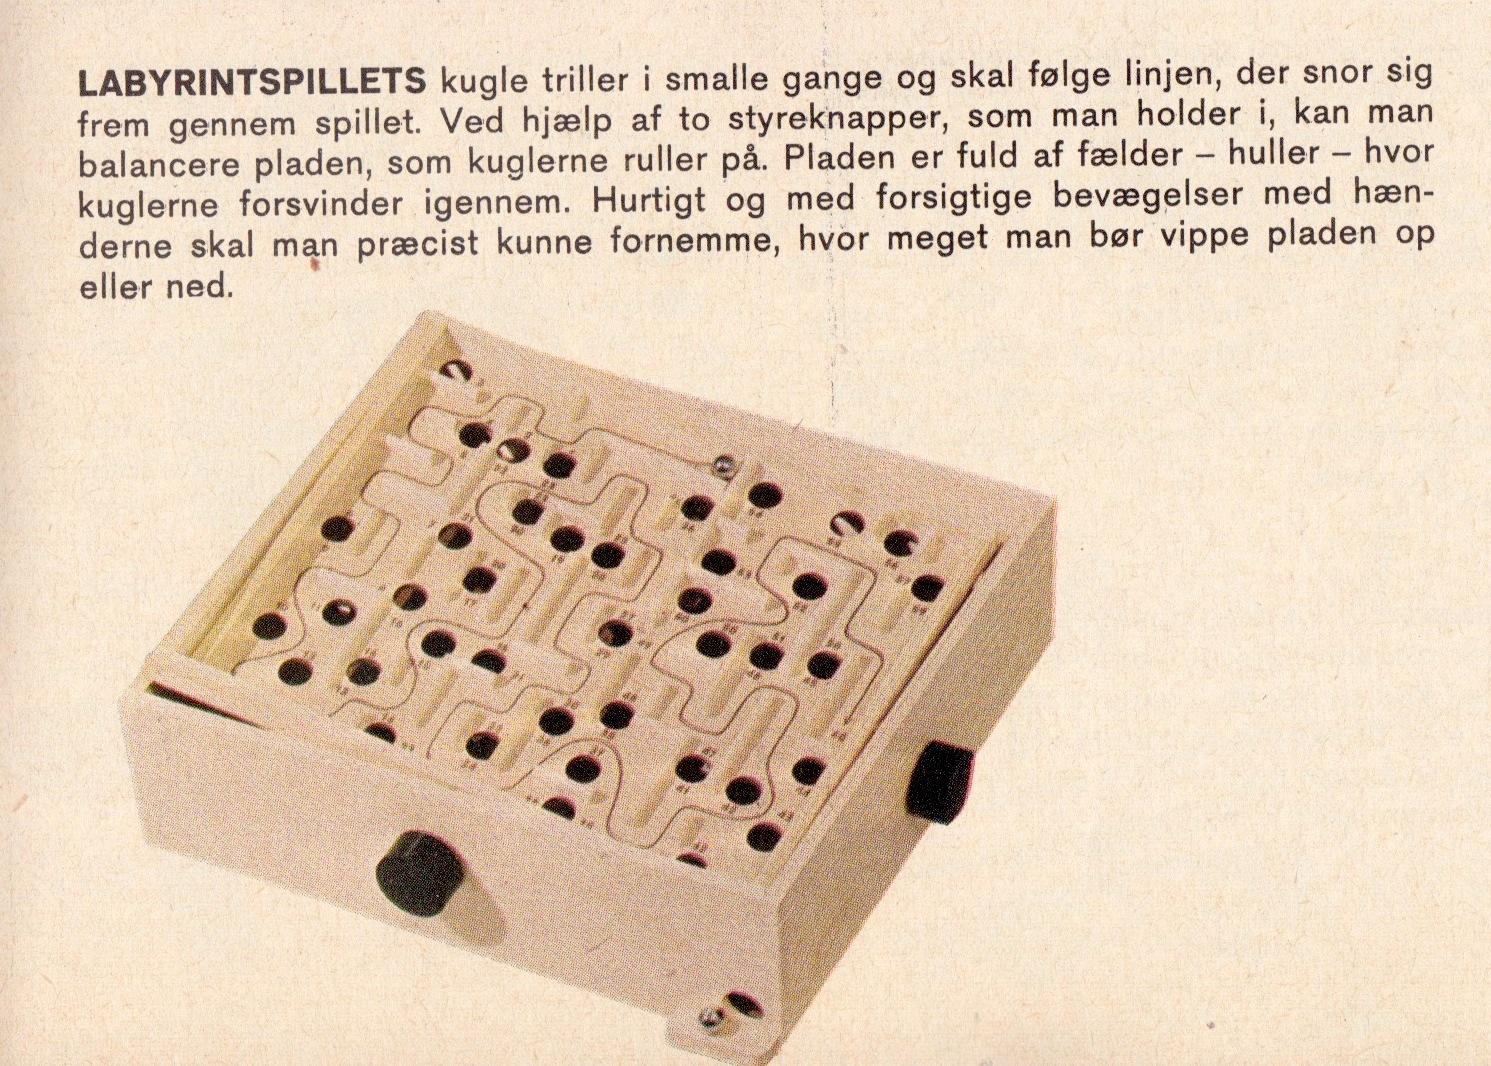 danske spil fuld plade